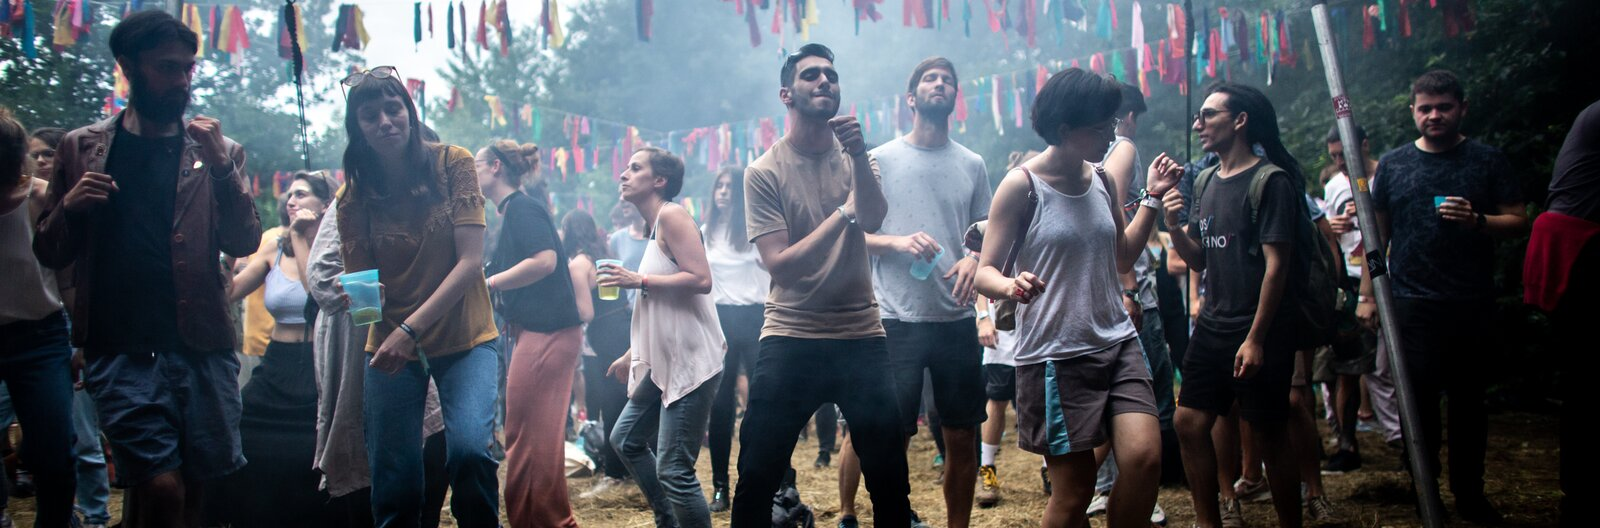 5 alternatív fesztivál Budapest közelében